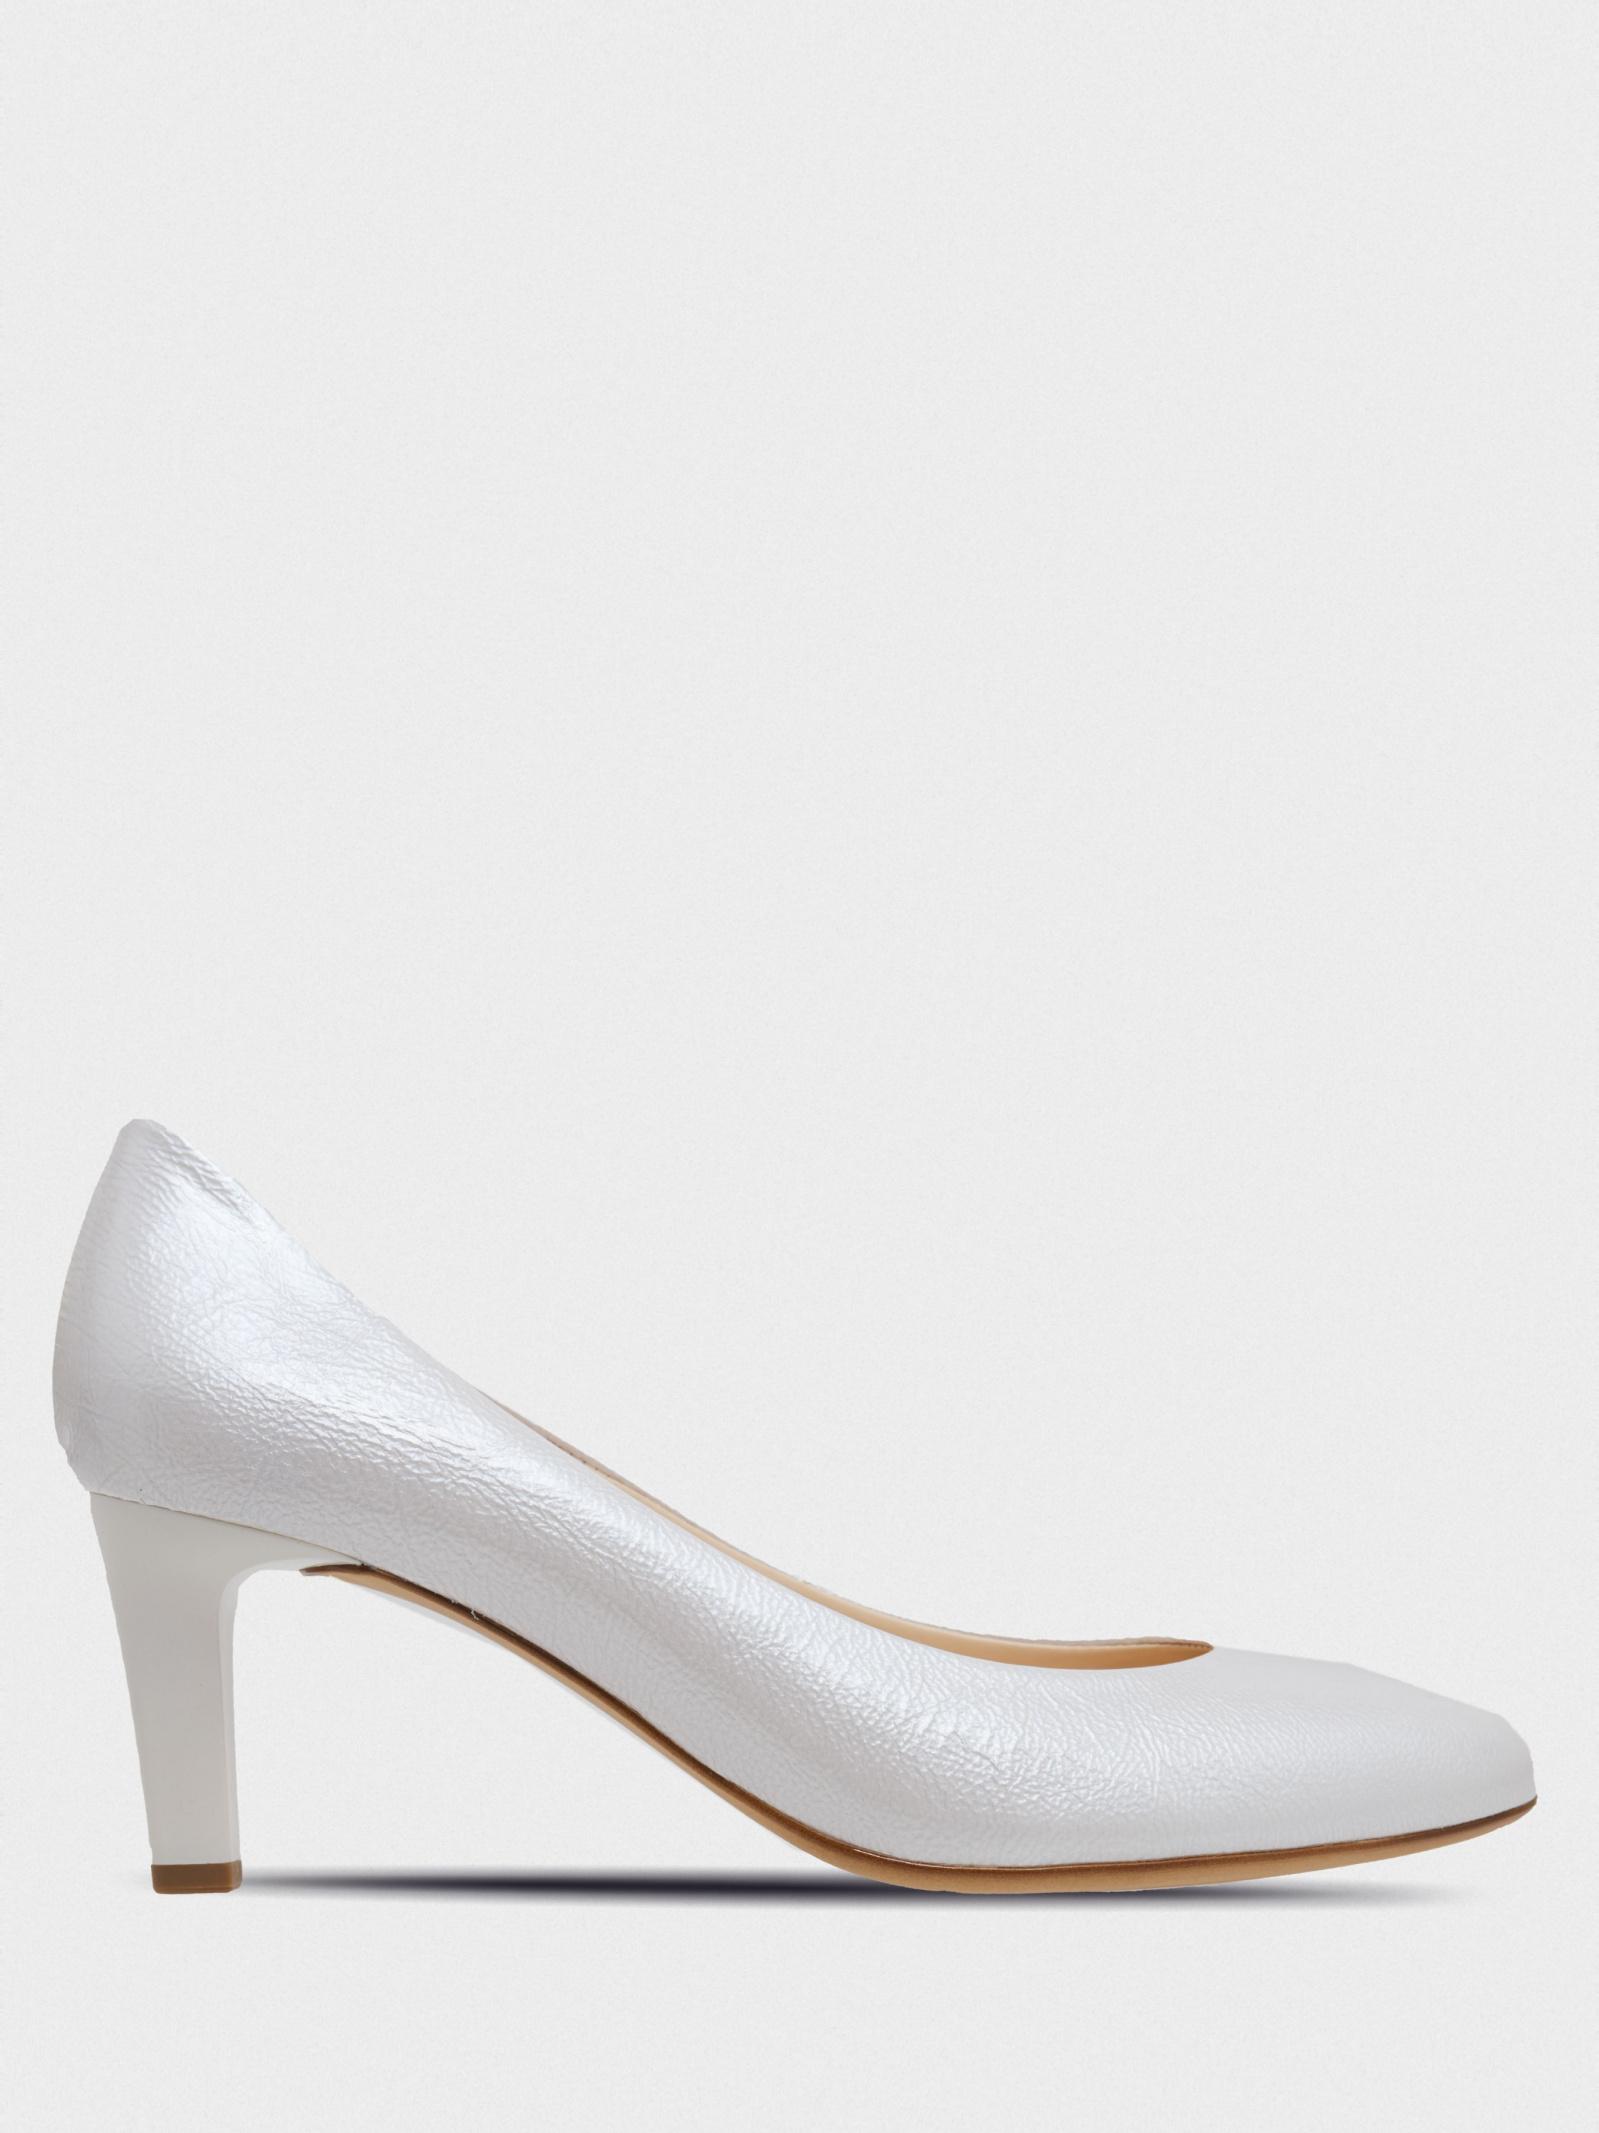 Туфлі  для жінок Hogl STARLIGHT 9-106005-6700 замовити, 2017